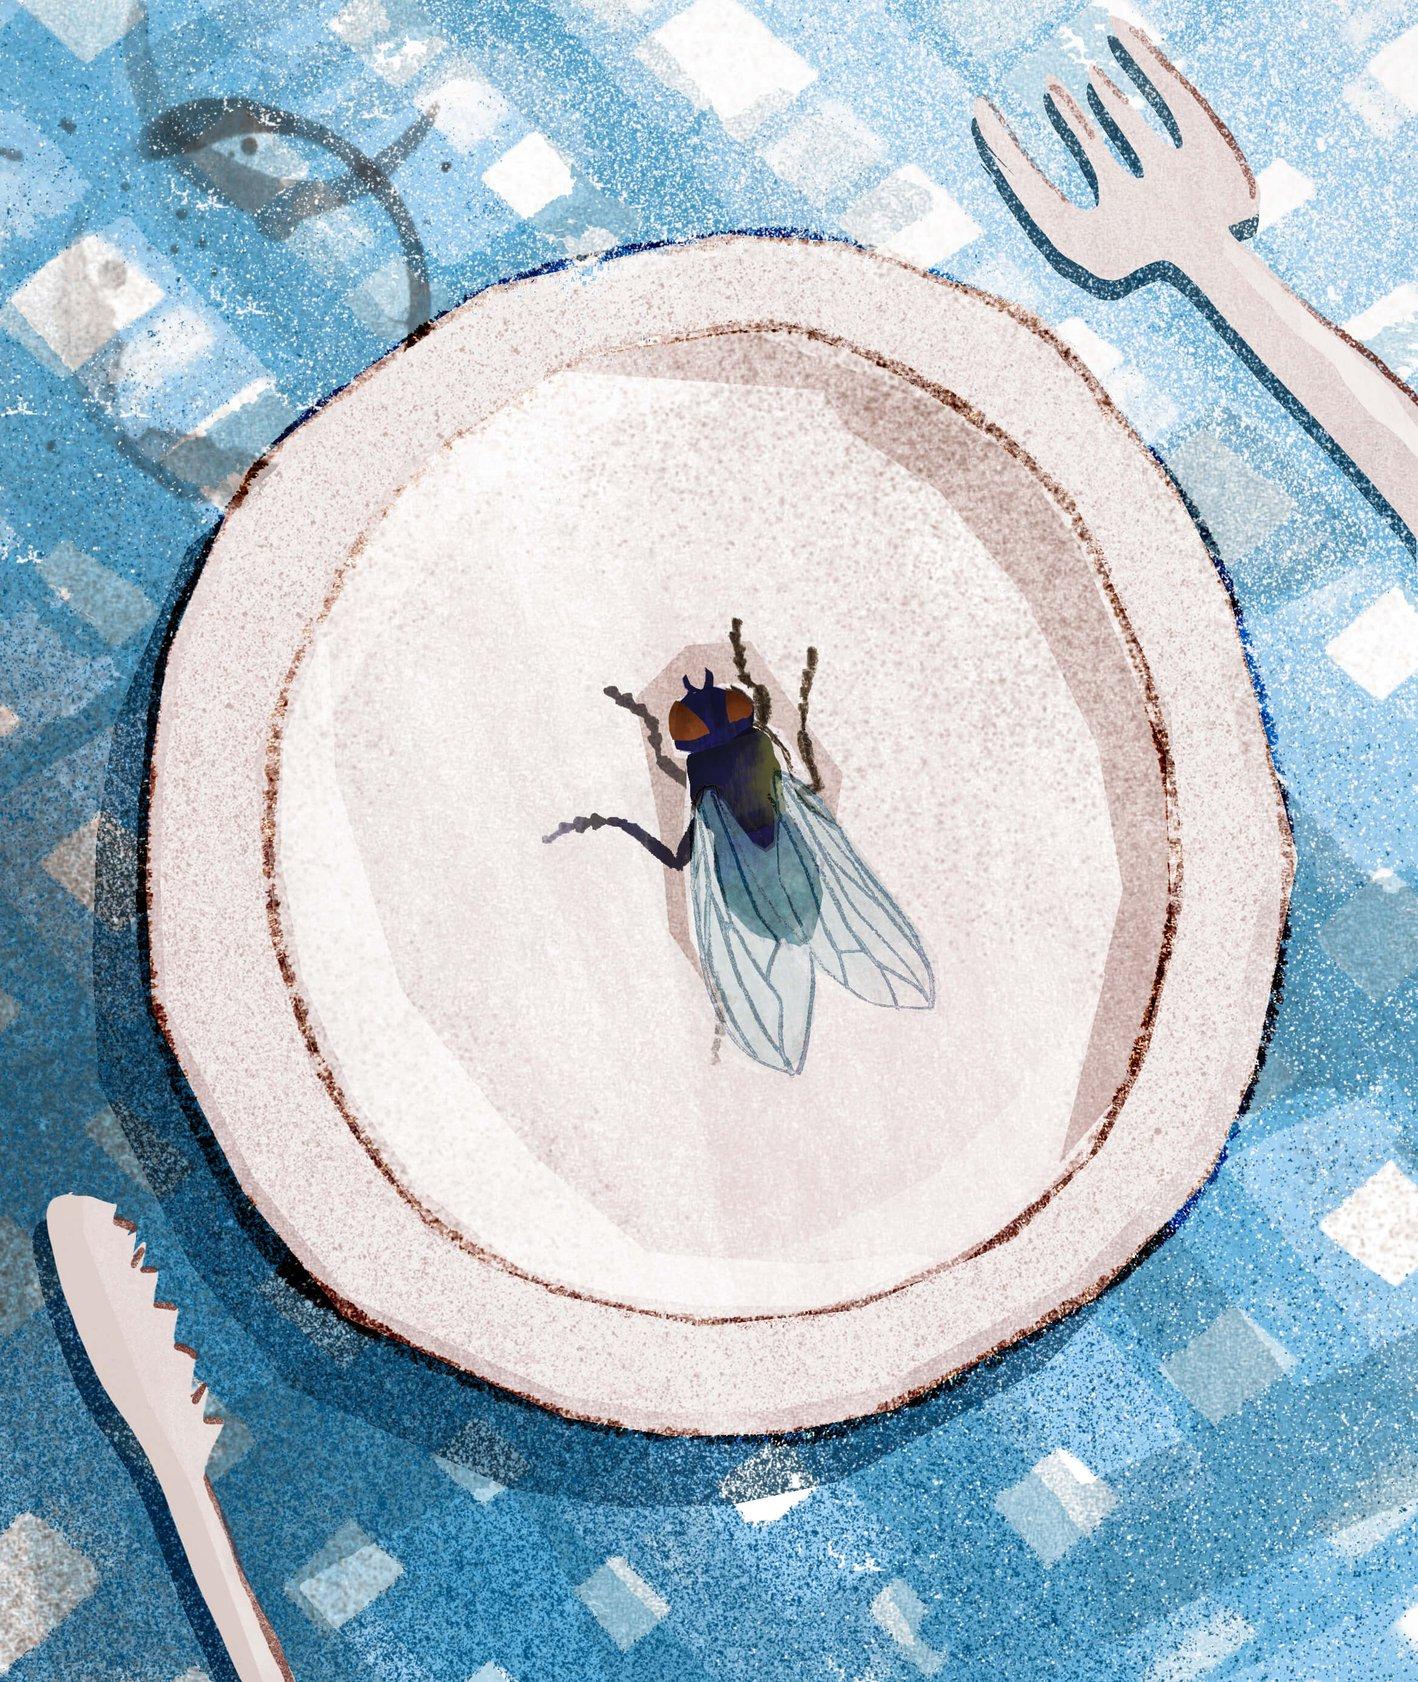 Ilustracja przedstawiająca muchę na talerzu, obrus i sztućce (ilustracja: Urszula Mierzwa)